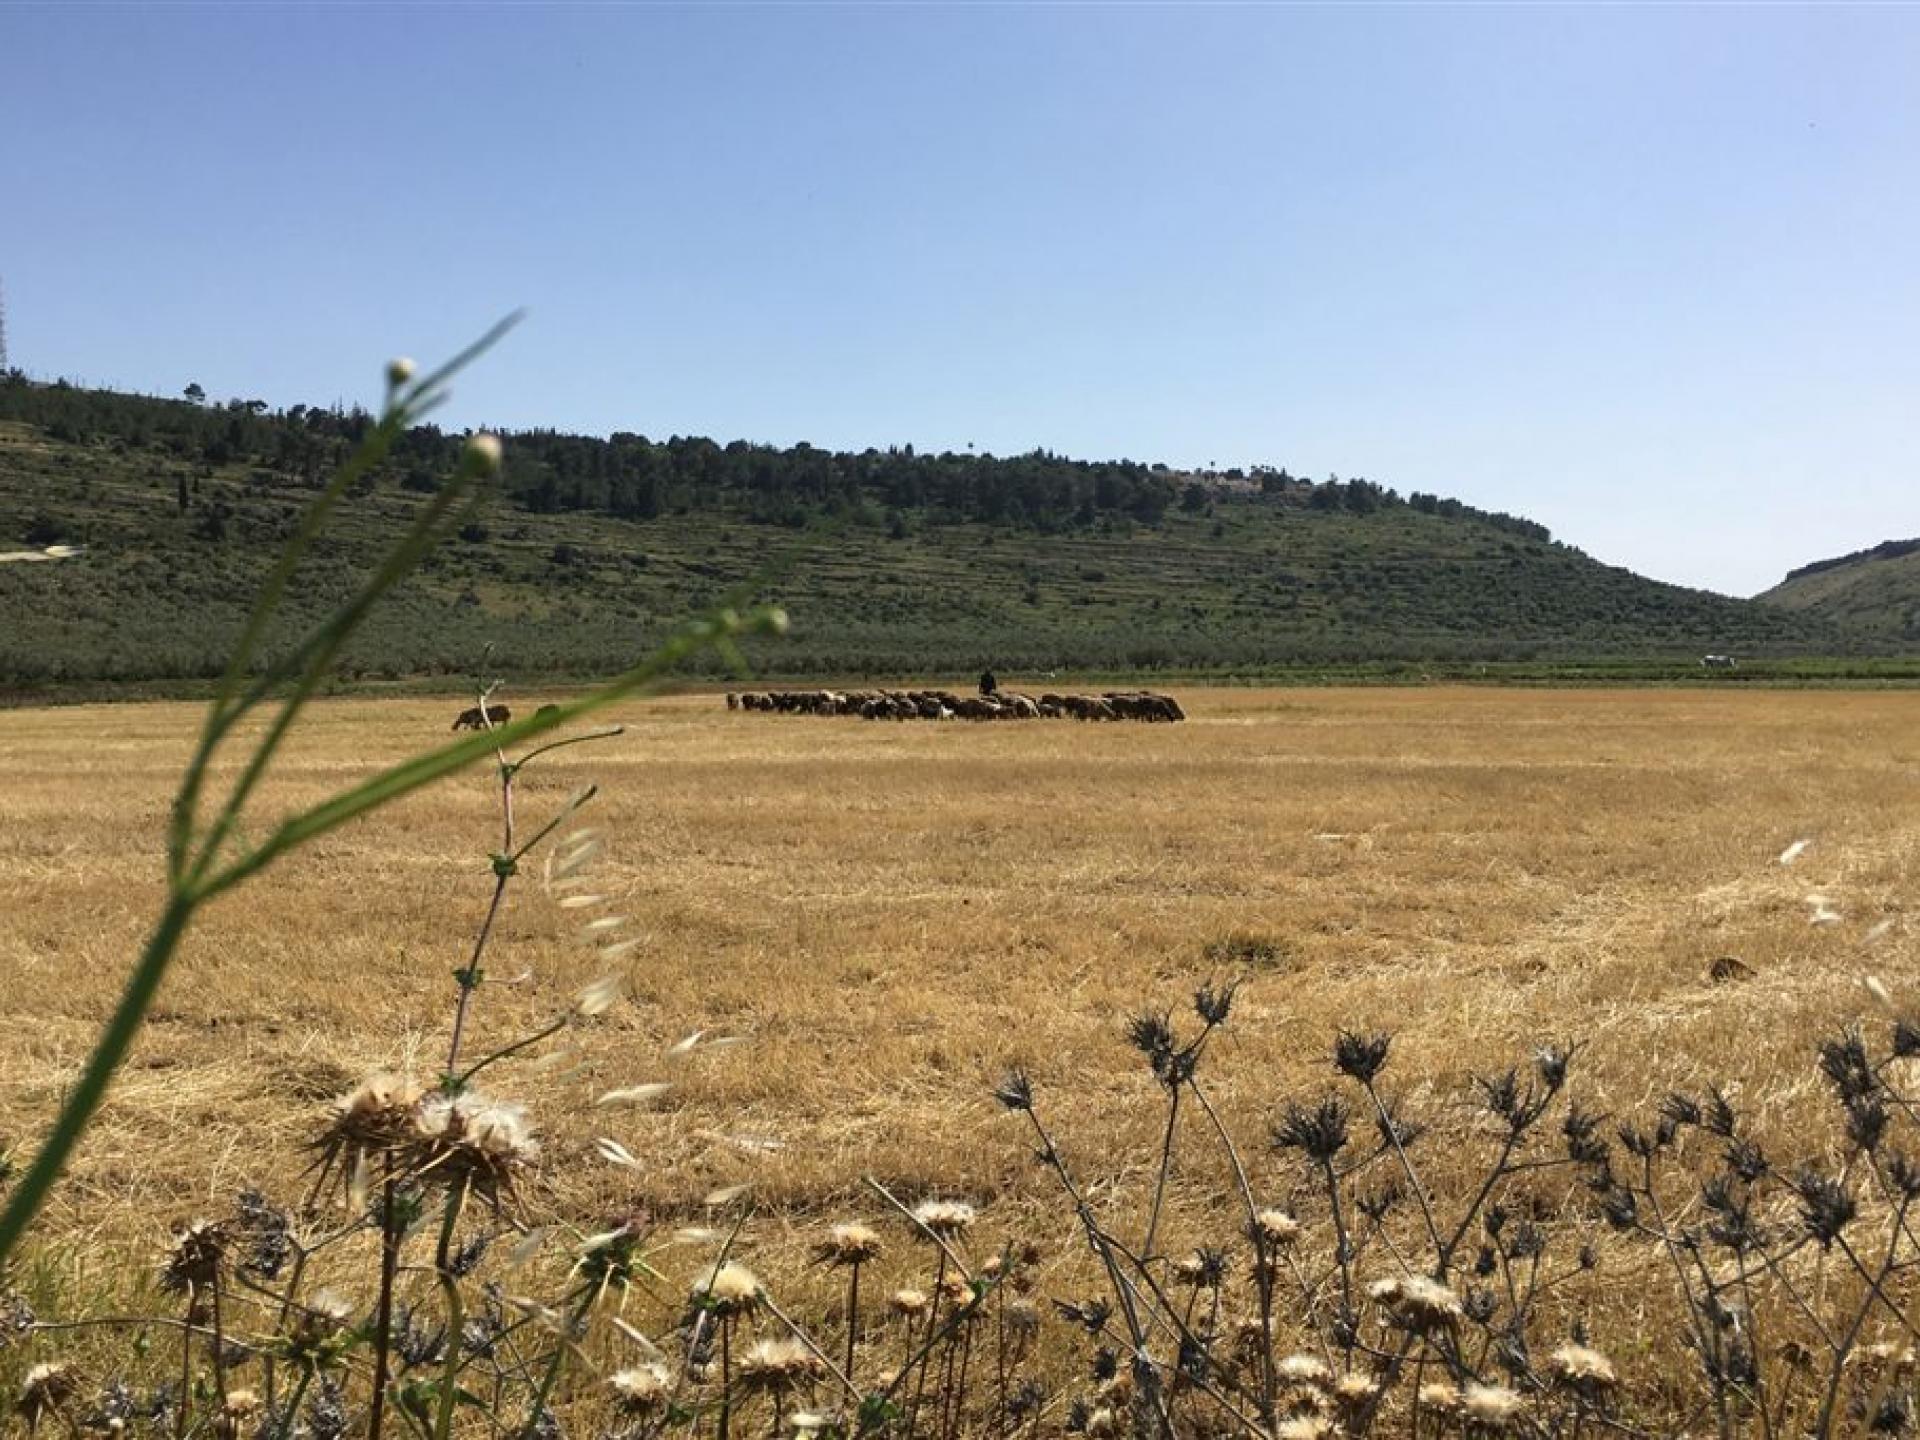 למרגלות התנחלות מבוא דותן: רועים פלסטינים בשדה שלף